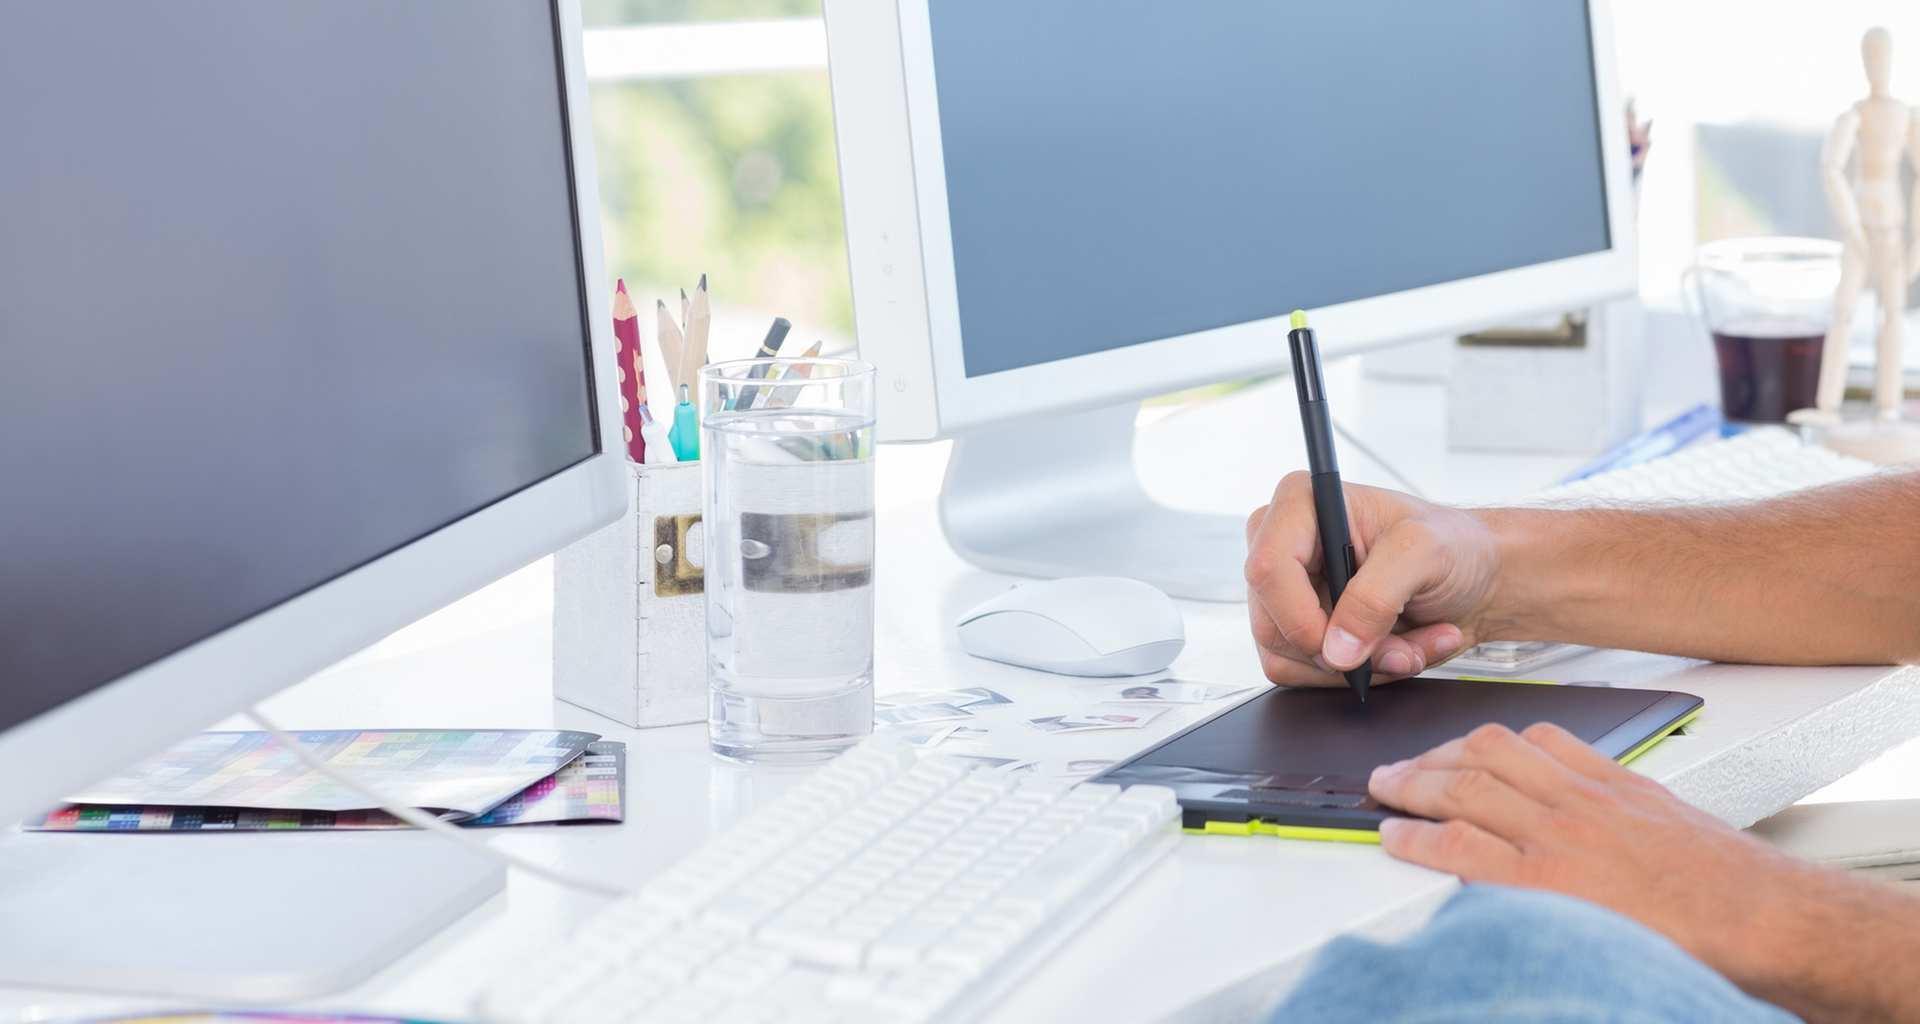 Iščete grafičnega oblikovalca za vaš projekt? Pomagali vam bomo poiskati primernega grafičnega oblikovalca za vaše potrebe